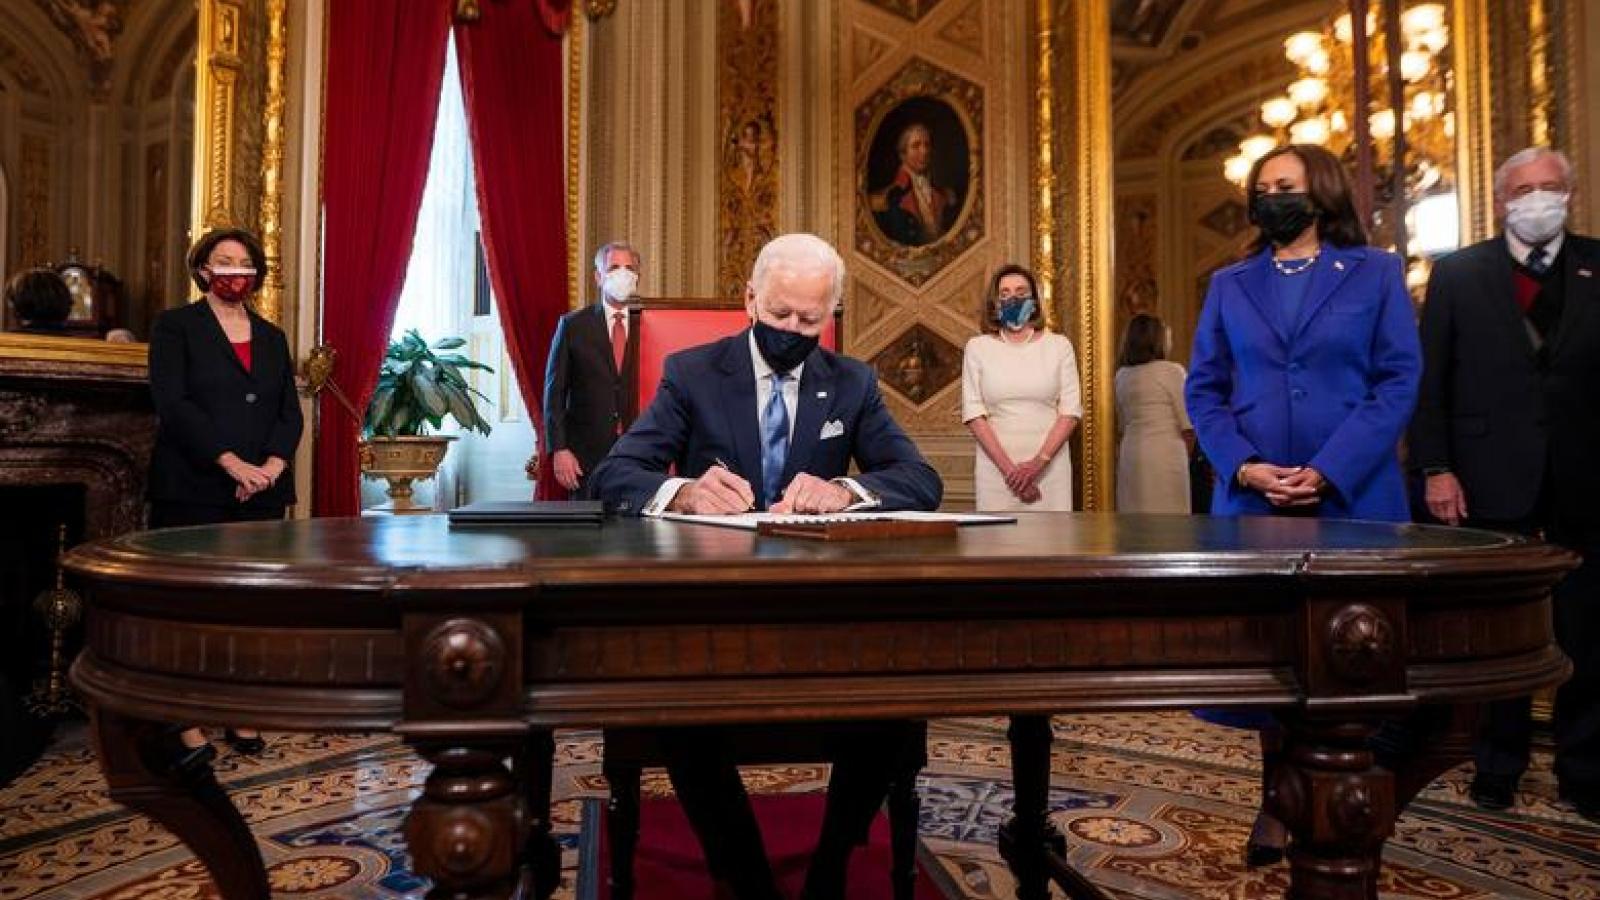 Lãnh đạo các nước chúc mừng tân Tổng thống Mỹ Biden sau lễ nhậm chức